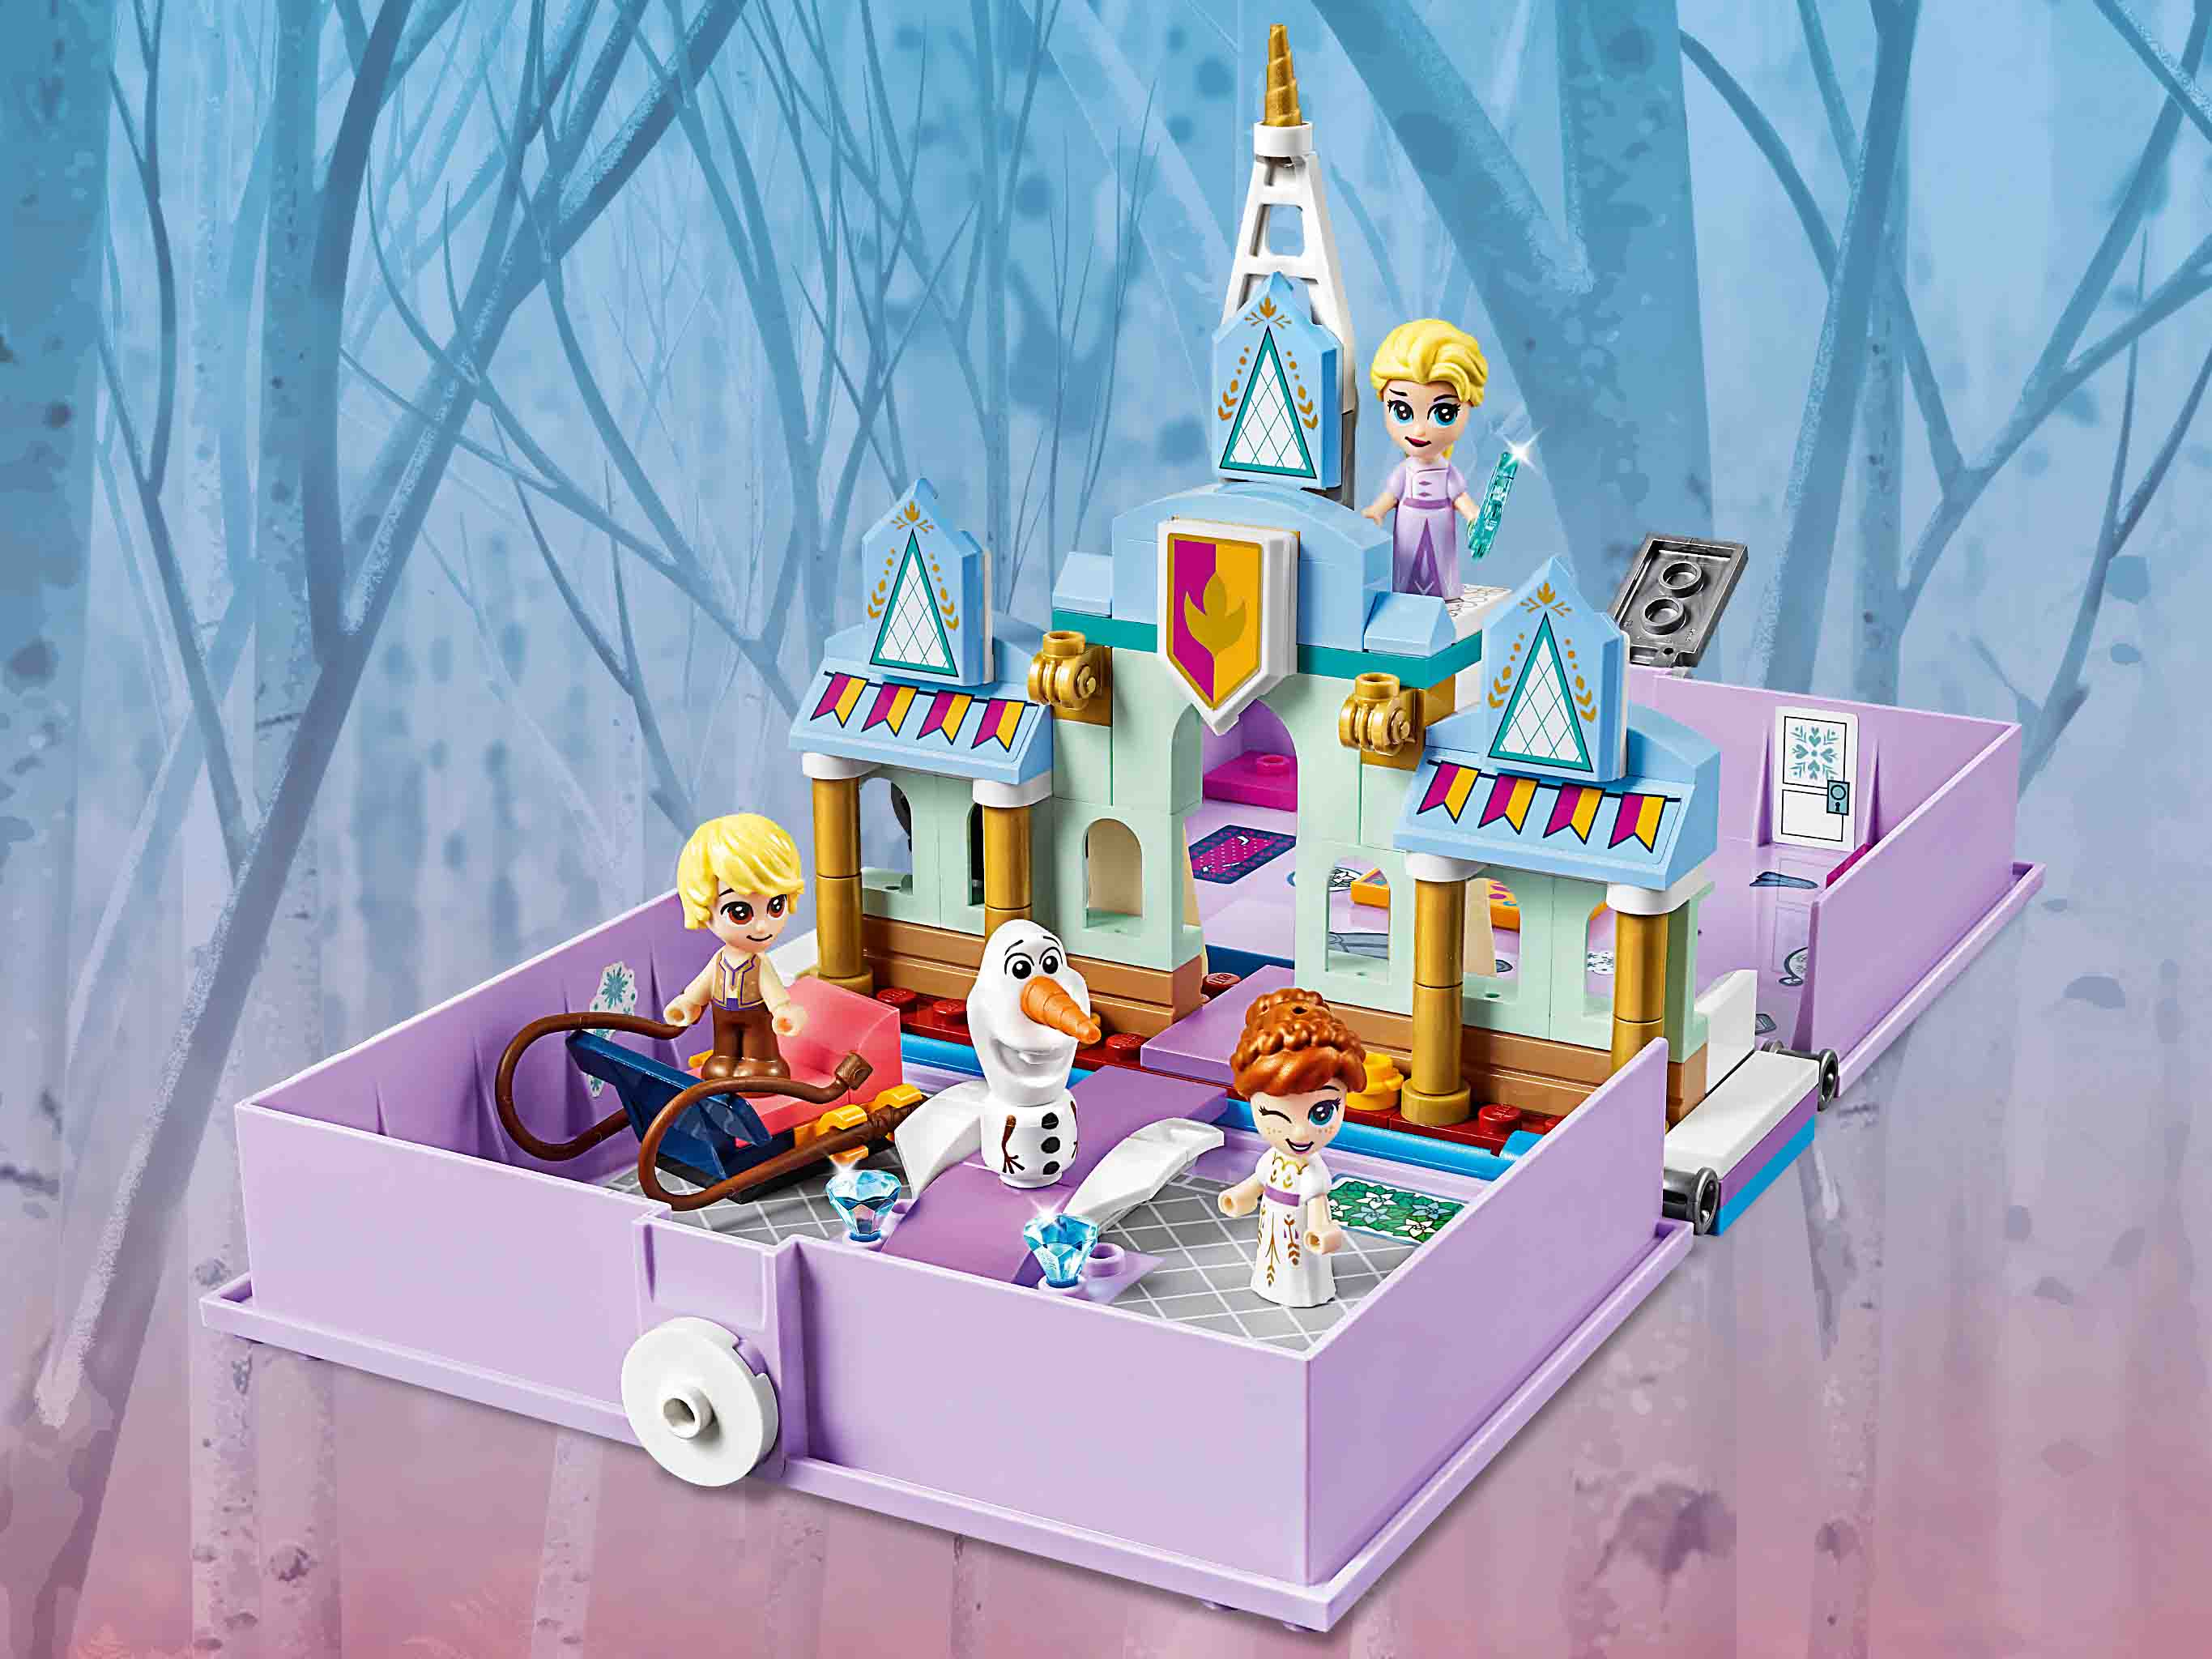 Конструктор Lego Disney Princess - Книга сказочных приключений Анны и Эльзы